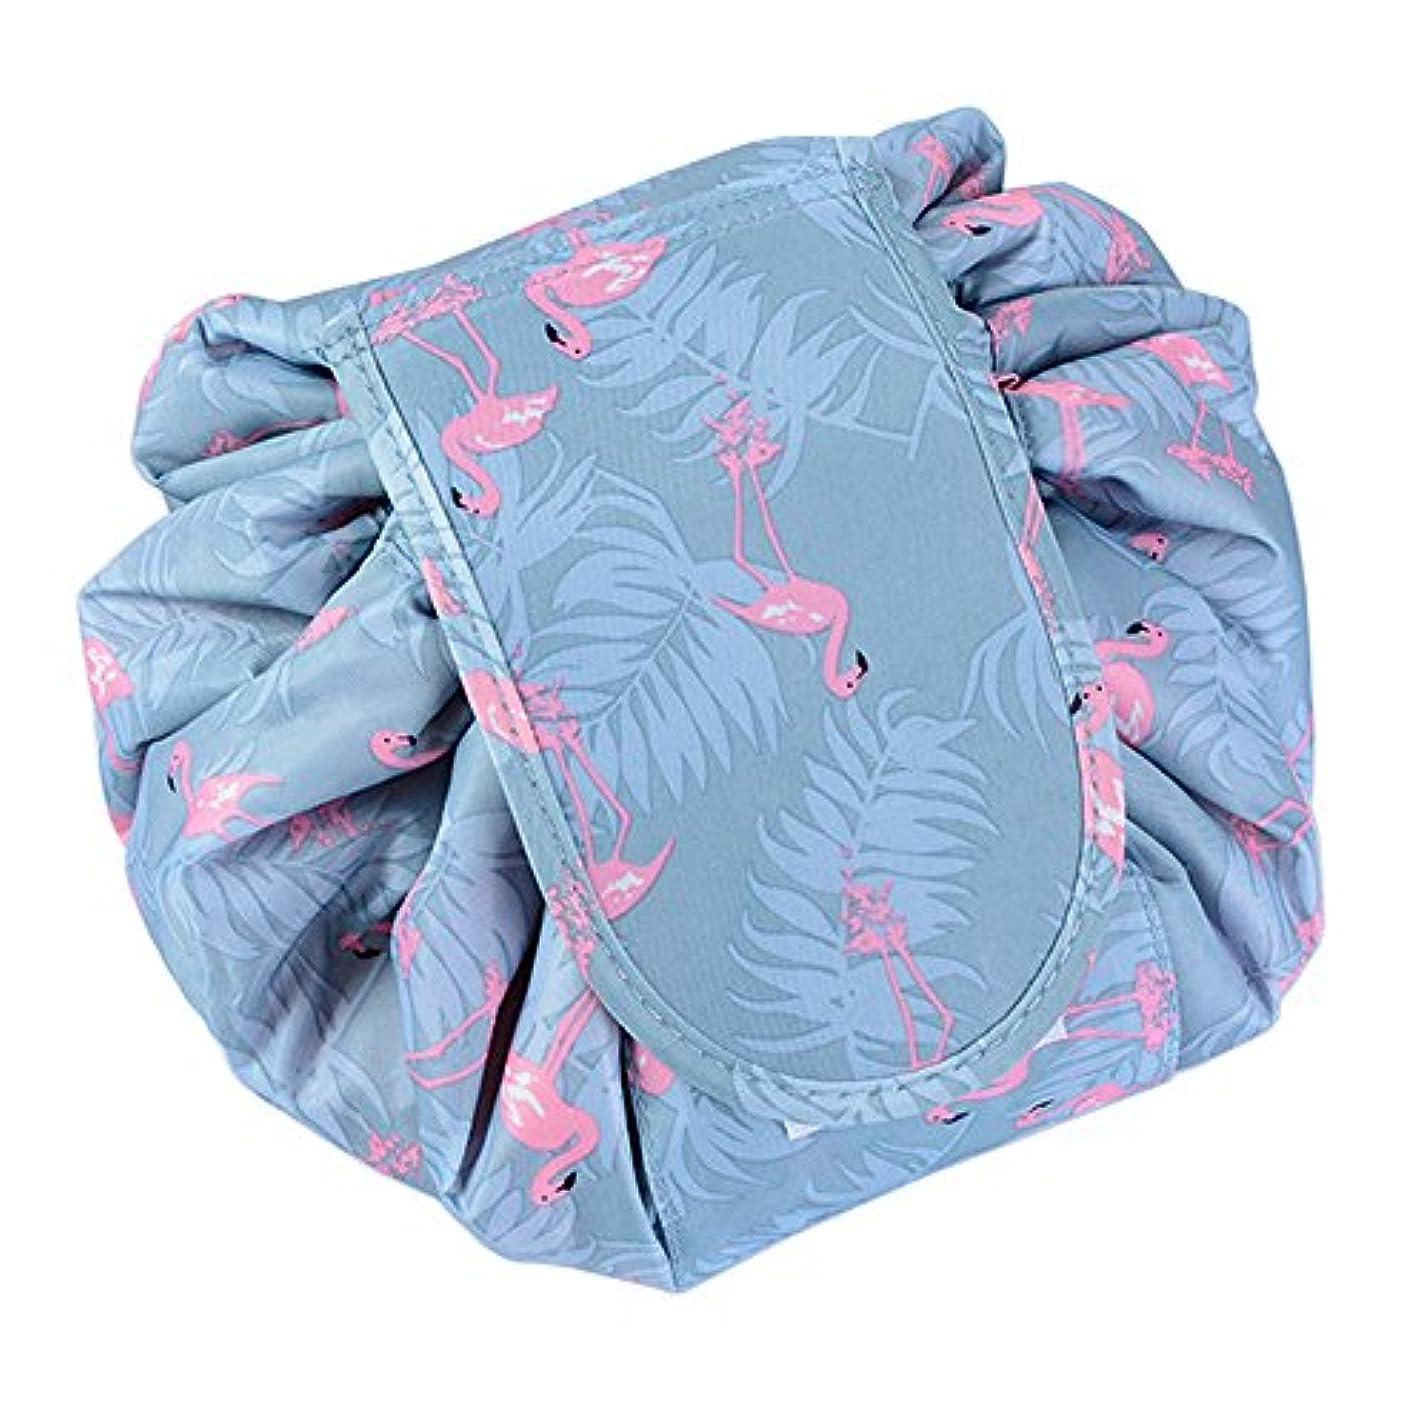 ご意見カップ感情SimonJp メイクポーチ 化粧ポーチ 化粧品収納 収納ポーチ 多機能 大容量 巾着袋 防水 携帯 軽量 旅行 便利 フラミンゴ